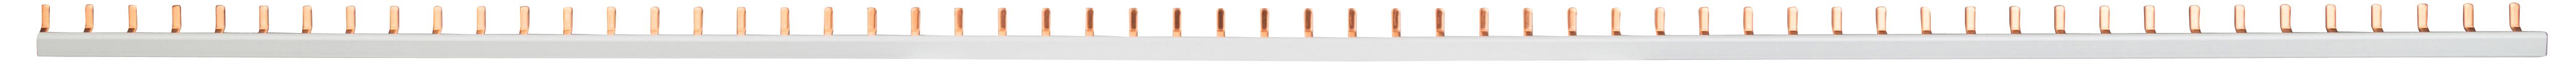 1 Stk Small Connect,Verschienungsset 1+N, 10mm² für LS 1+N/1TE BS990170--